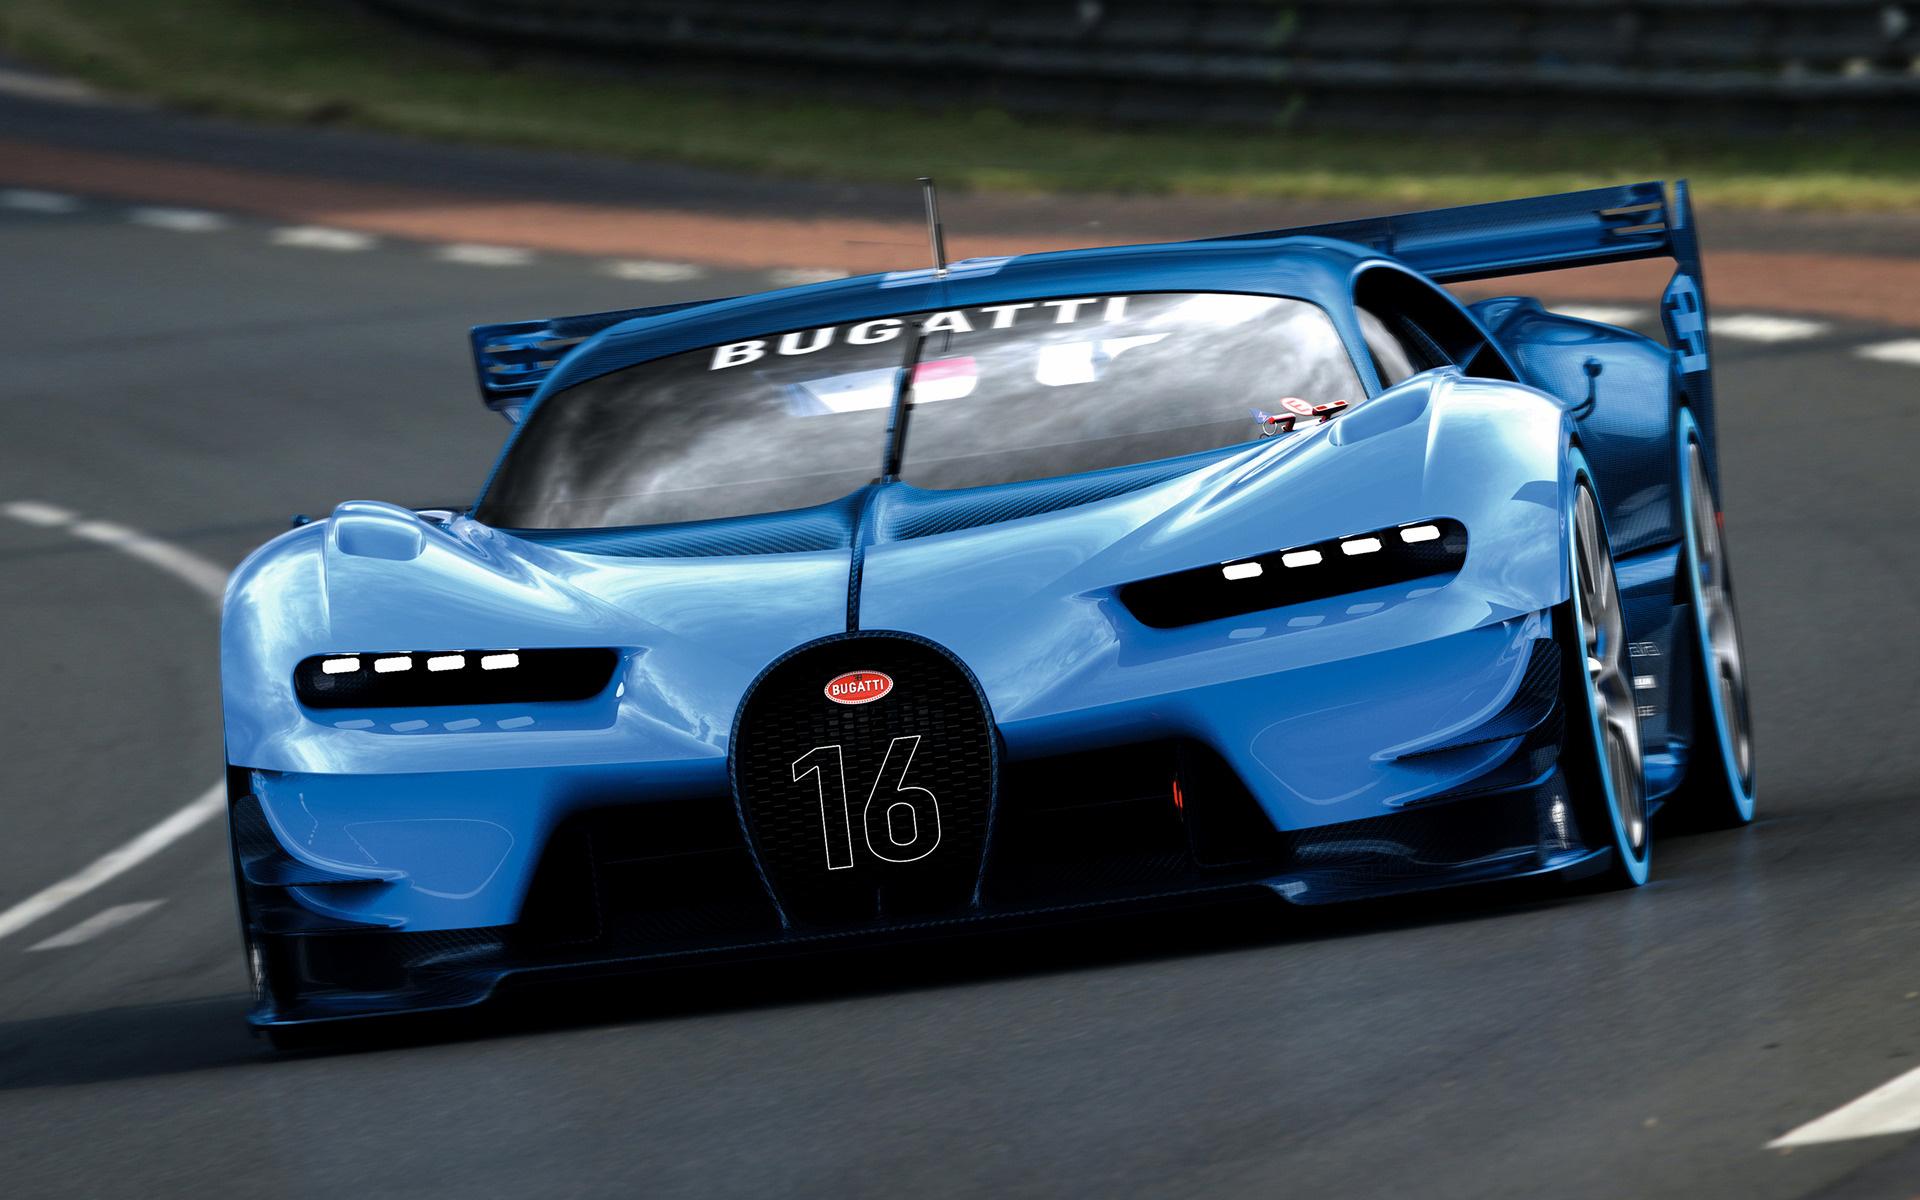 2015 Bugatti Vision Gran Turismo - Wallpapers and HD ...